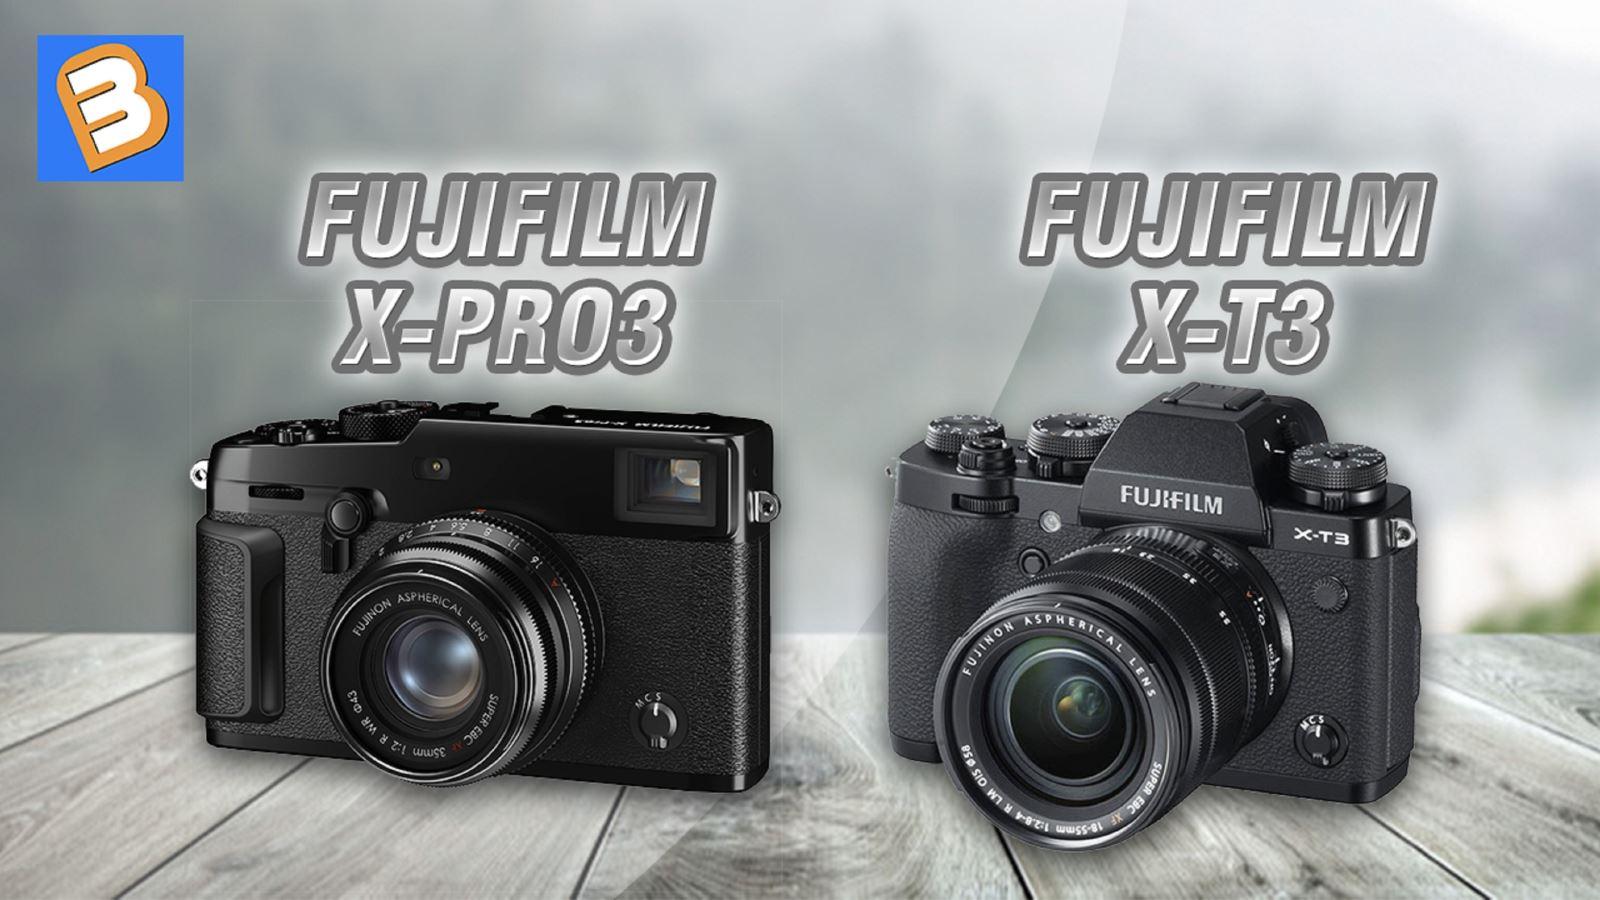 Khám phá những điểm khác biệt giữaFujifilm X-Pro3 và X-T3